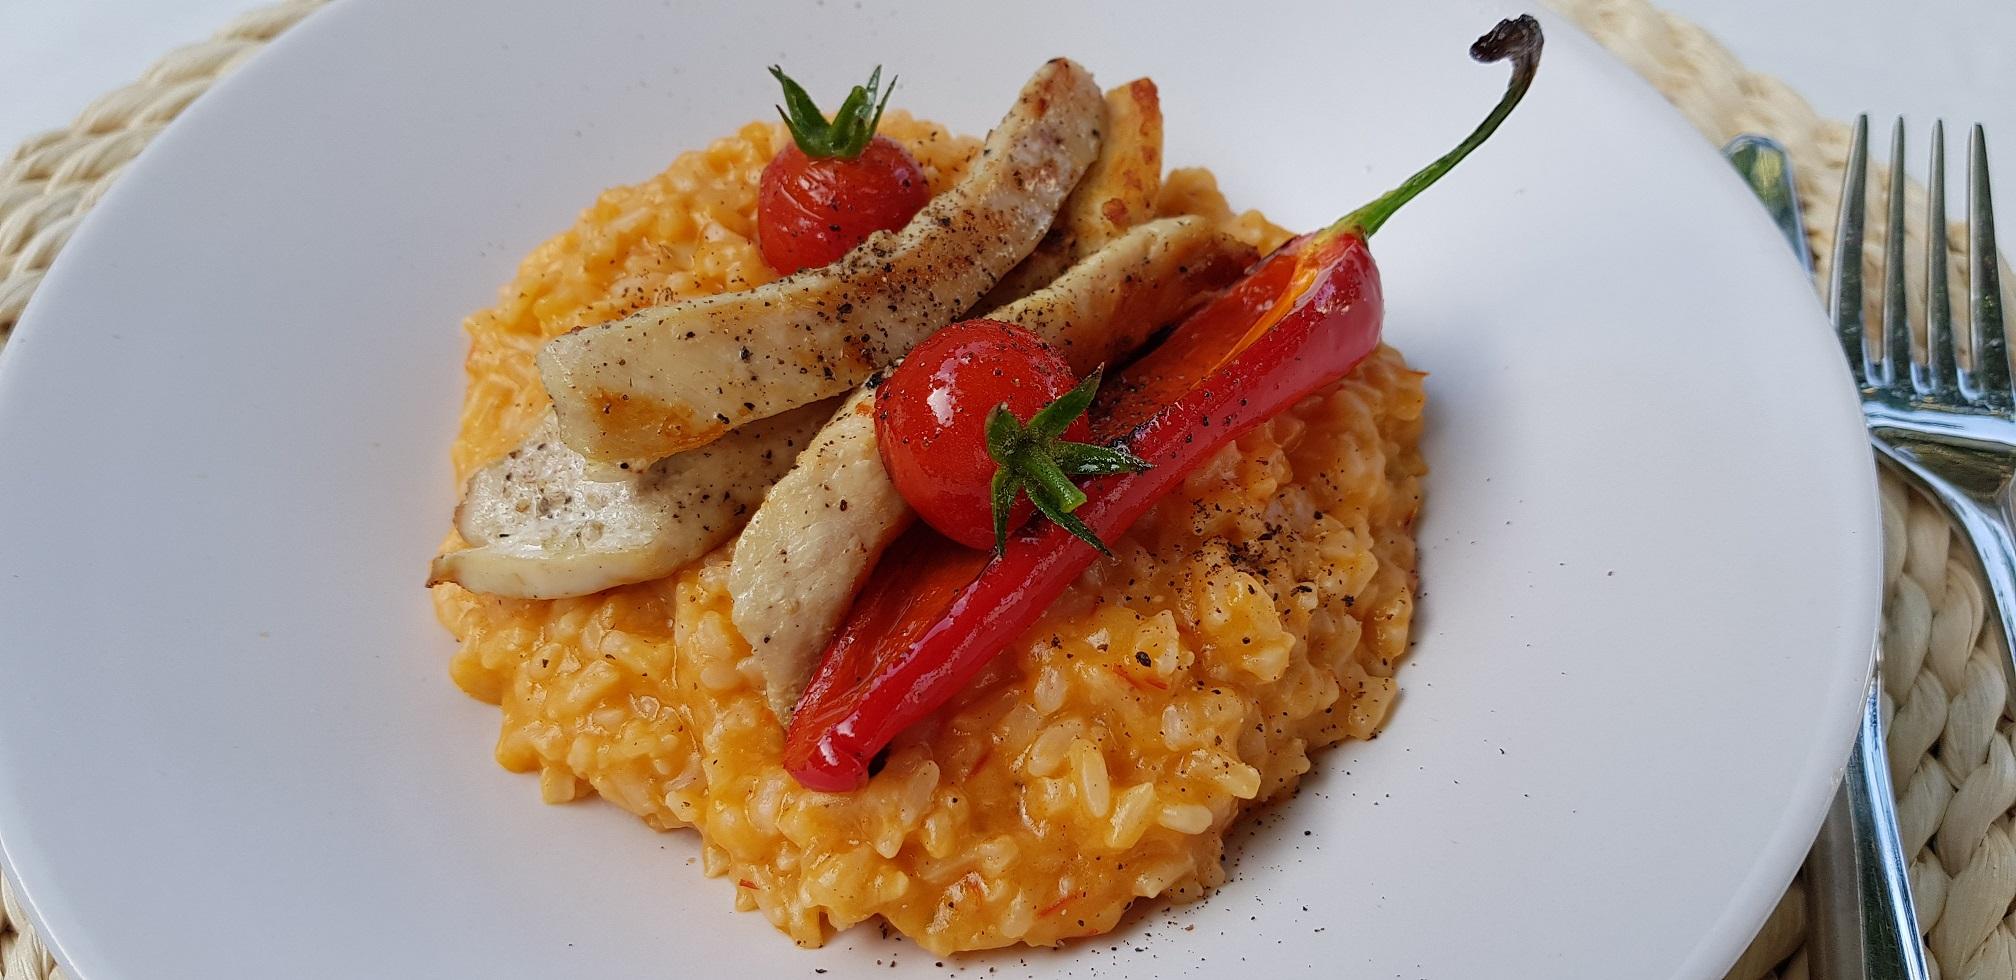 Bucură-te de vară (în orice anotimp) cu o porție de risotto cu roșii și prosecco